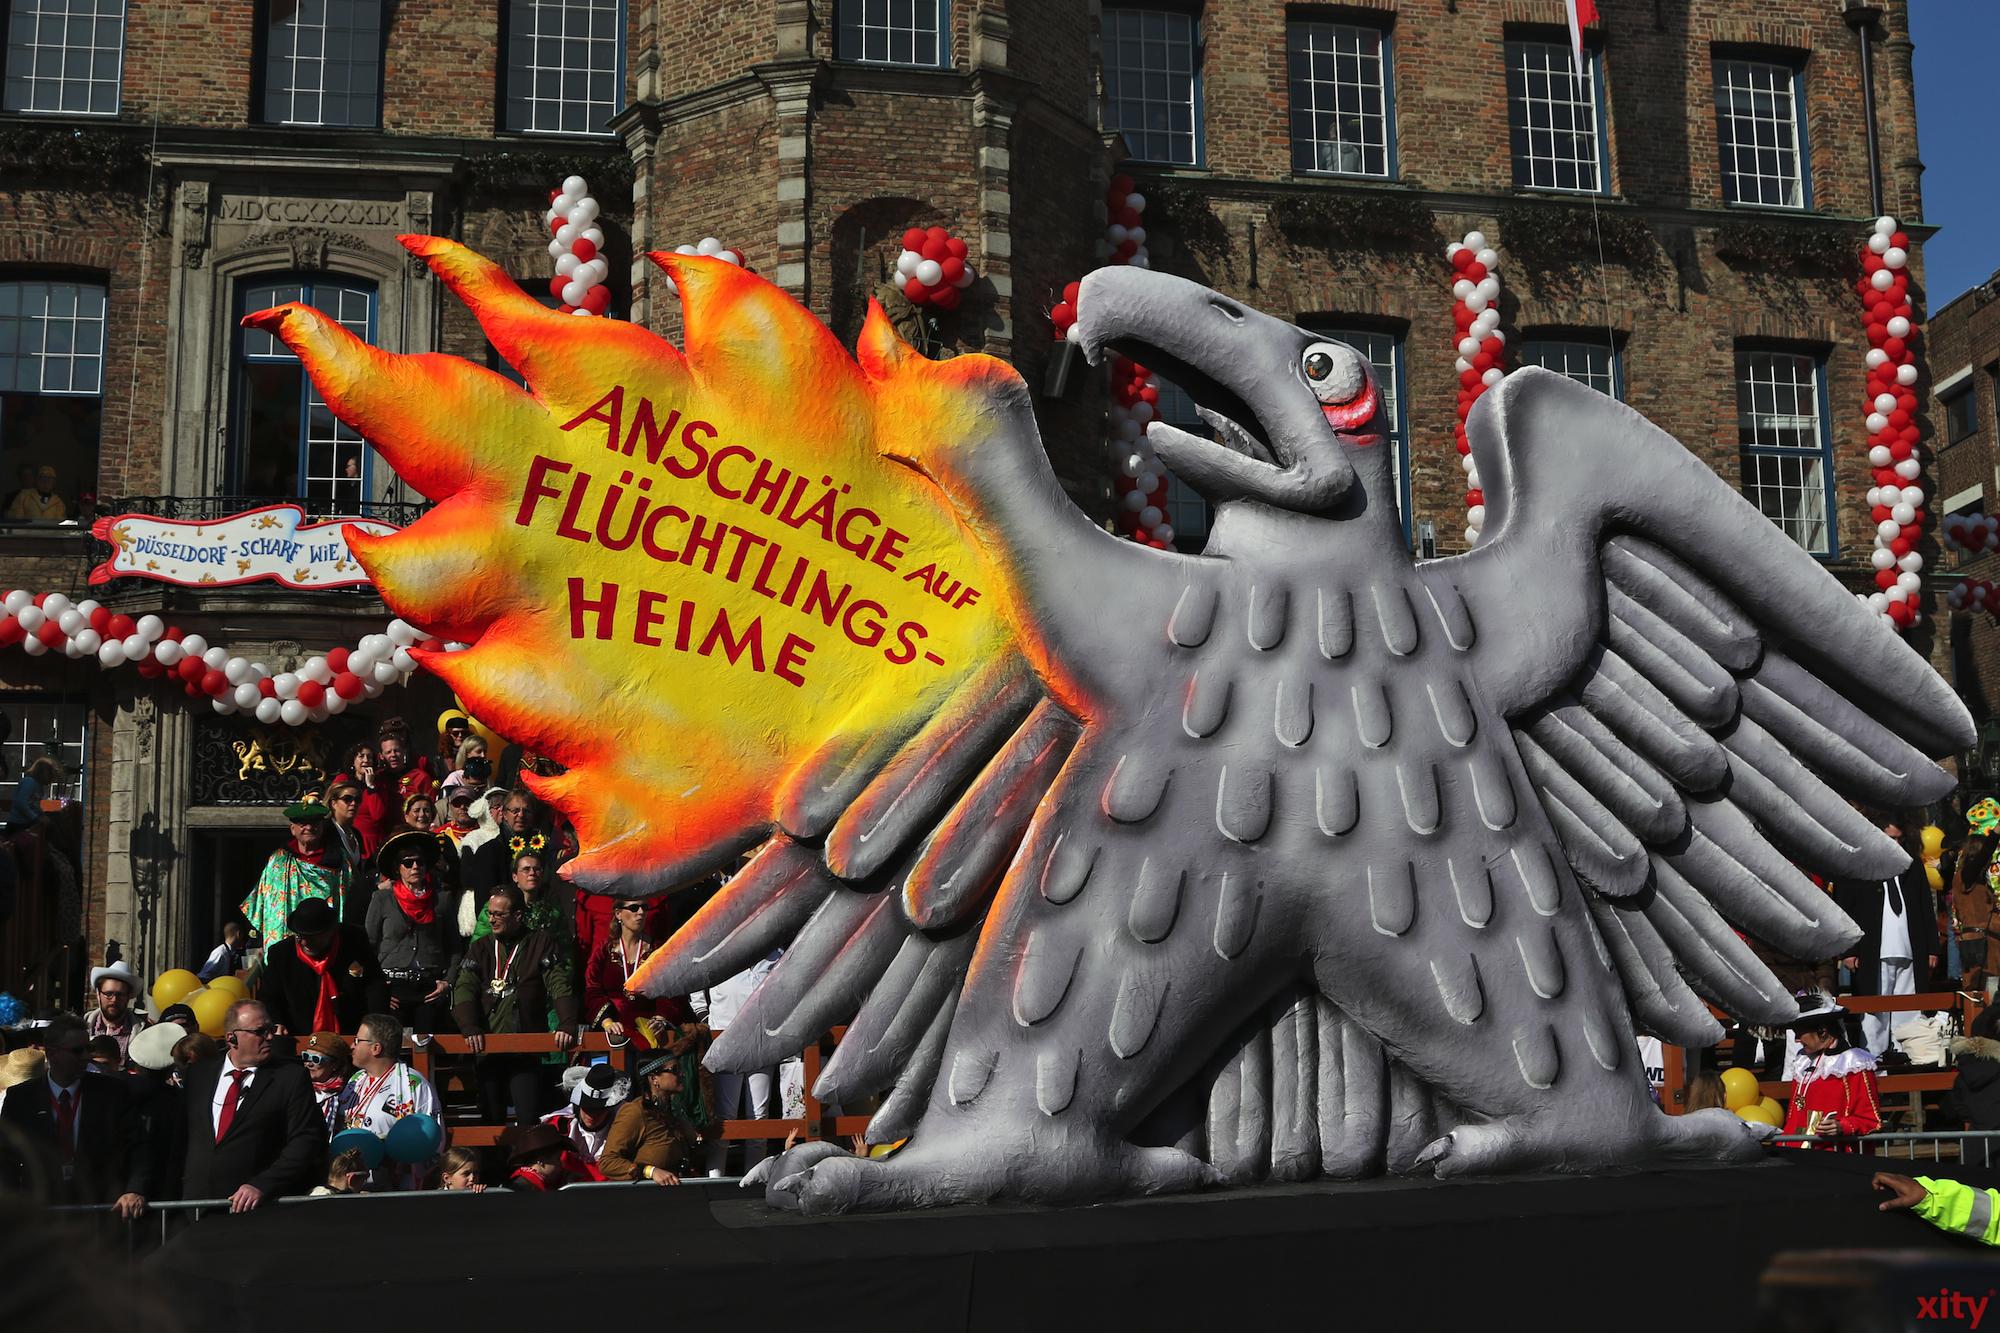 Dieser Mottowagen zeigt, dass die Anschläge auf Flüchtlinge vor allem Deutschland selbst schaden (Foto: xity)